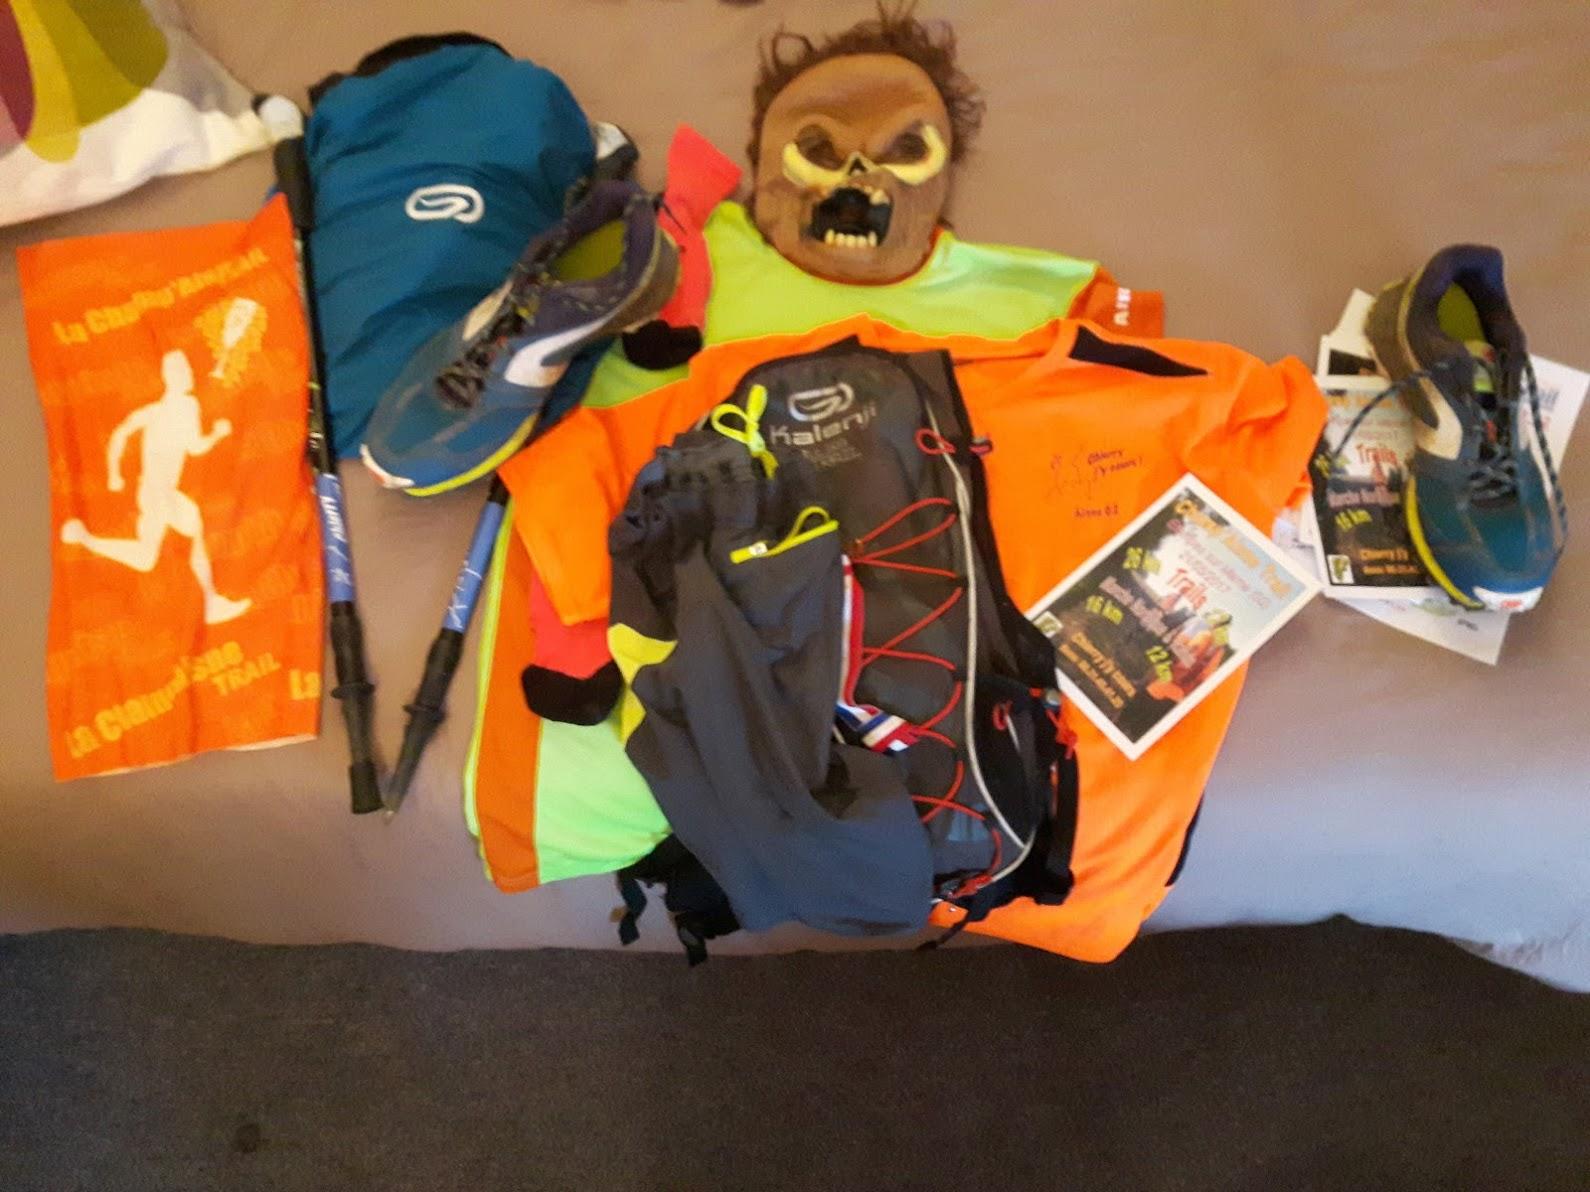 Salomon Sac 12 Salomon Trail Trail 12 Xz Trail Sac Sac 12 Xz Xz qpXAT